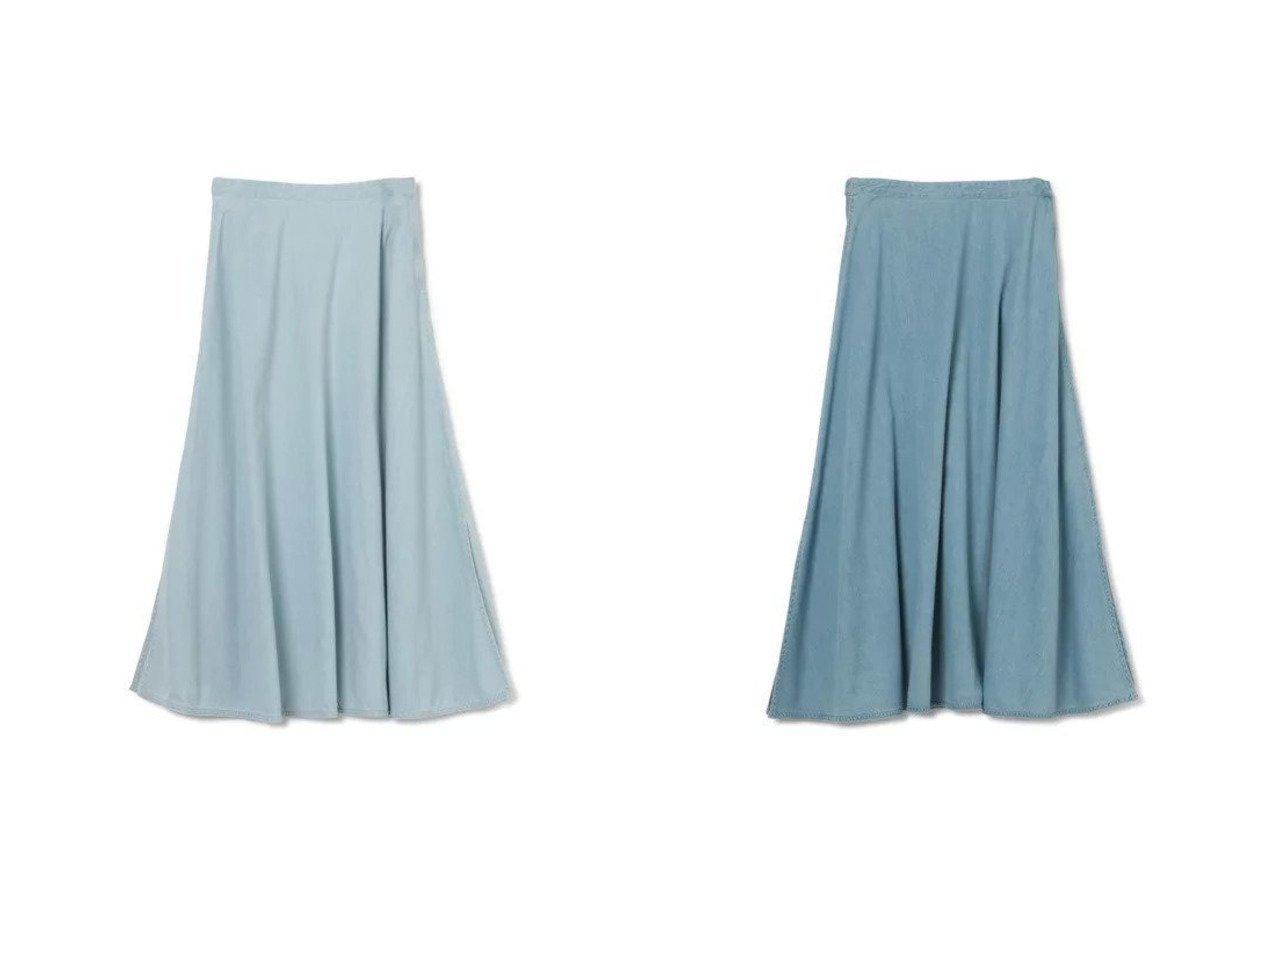 【KALNA/カルナ】のデニムロングスカート 【スカート】おすすめ!人気、トレンド・レディースファッションの通販 おすすめで人気の流行・トレンド、ファッションの通販商品 インテリア・家具・メンズファッション・キッズファッション・レディースファッション・服の通販 founy(ファニー) https://founy.com/ ファッション Fashion レディースファッション WOMEN スカート Skirt ロングスカート Long Skirt チェック デニム フェミニン フレア マキシ ロング ヴィンテージ 洗える 長袖 |ID:crp329100000067689